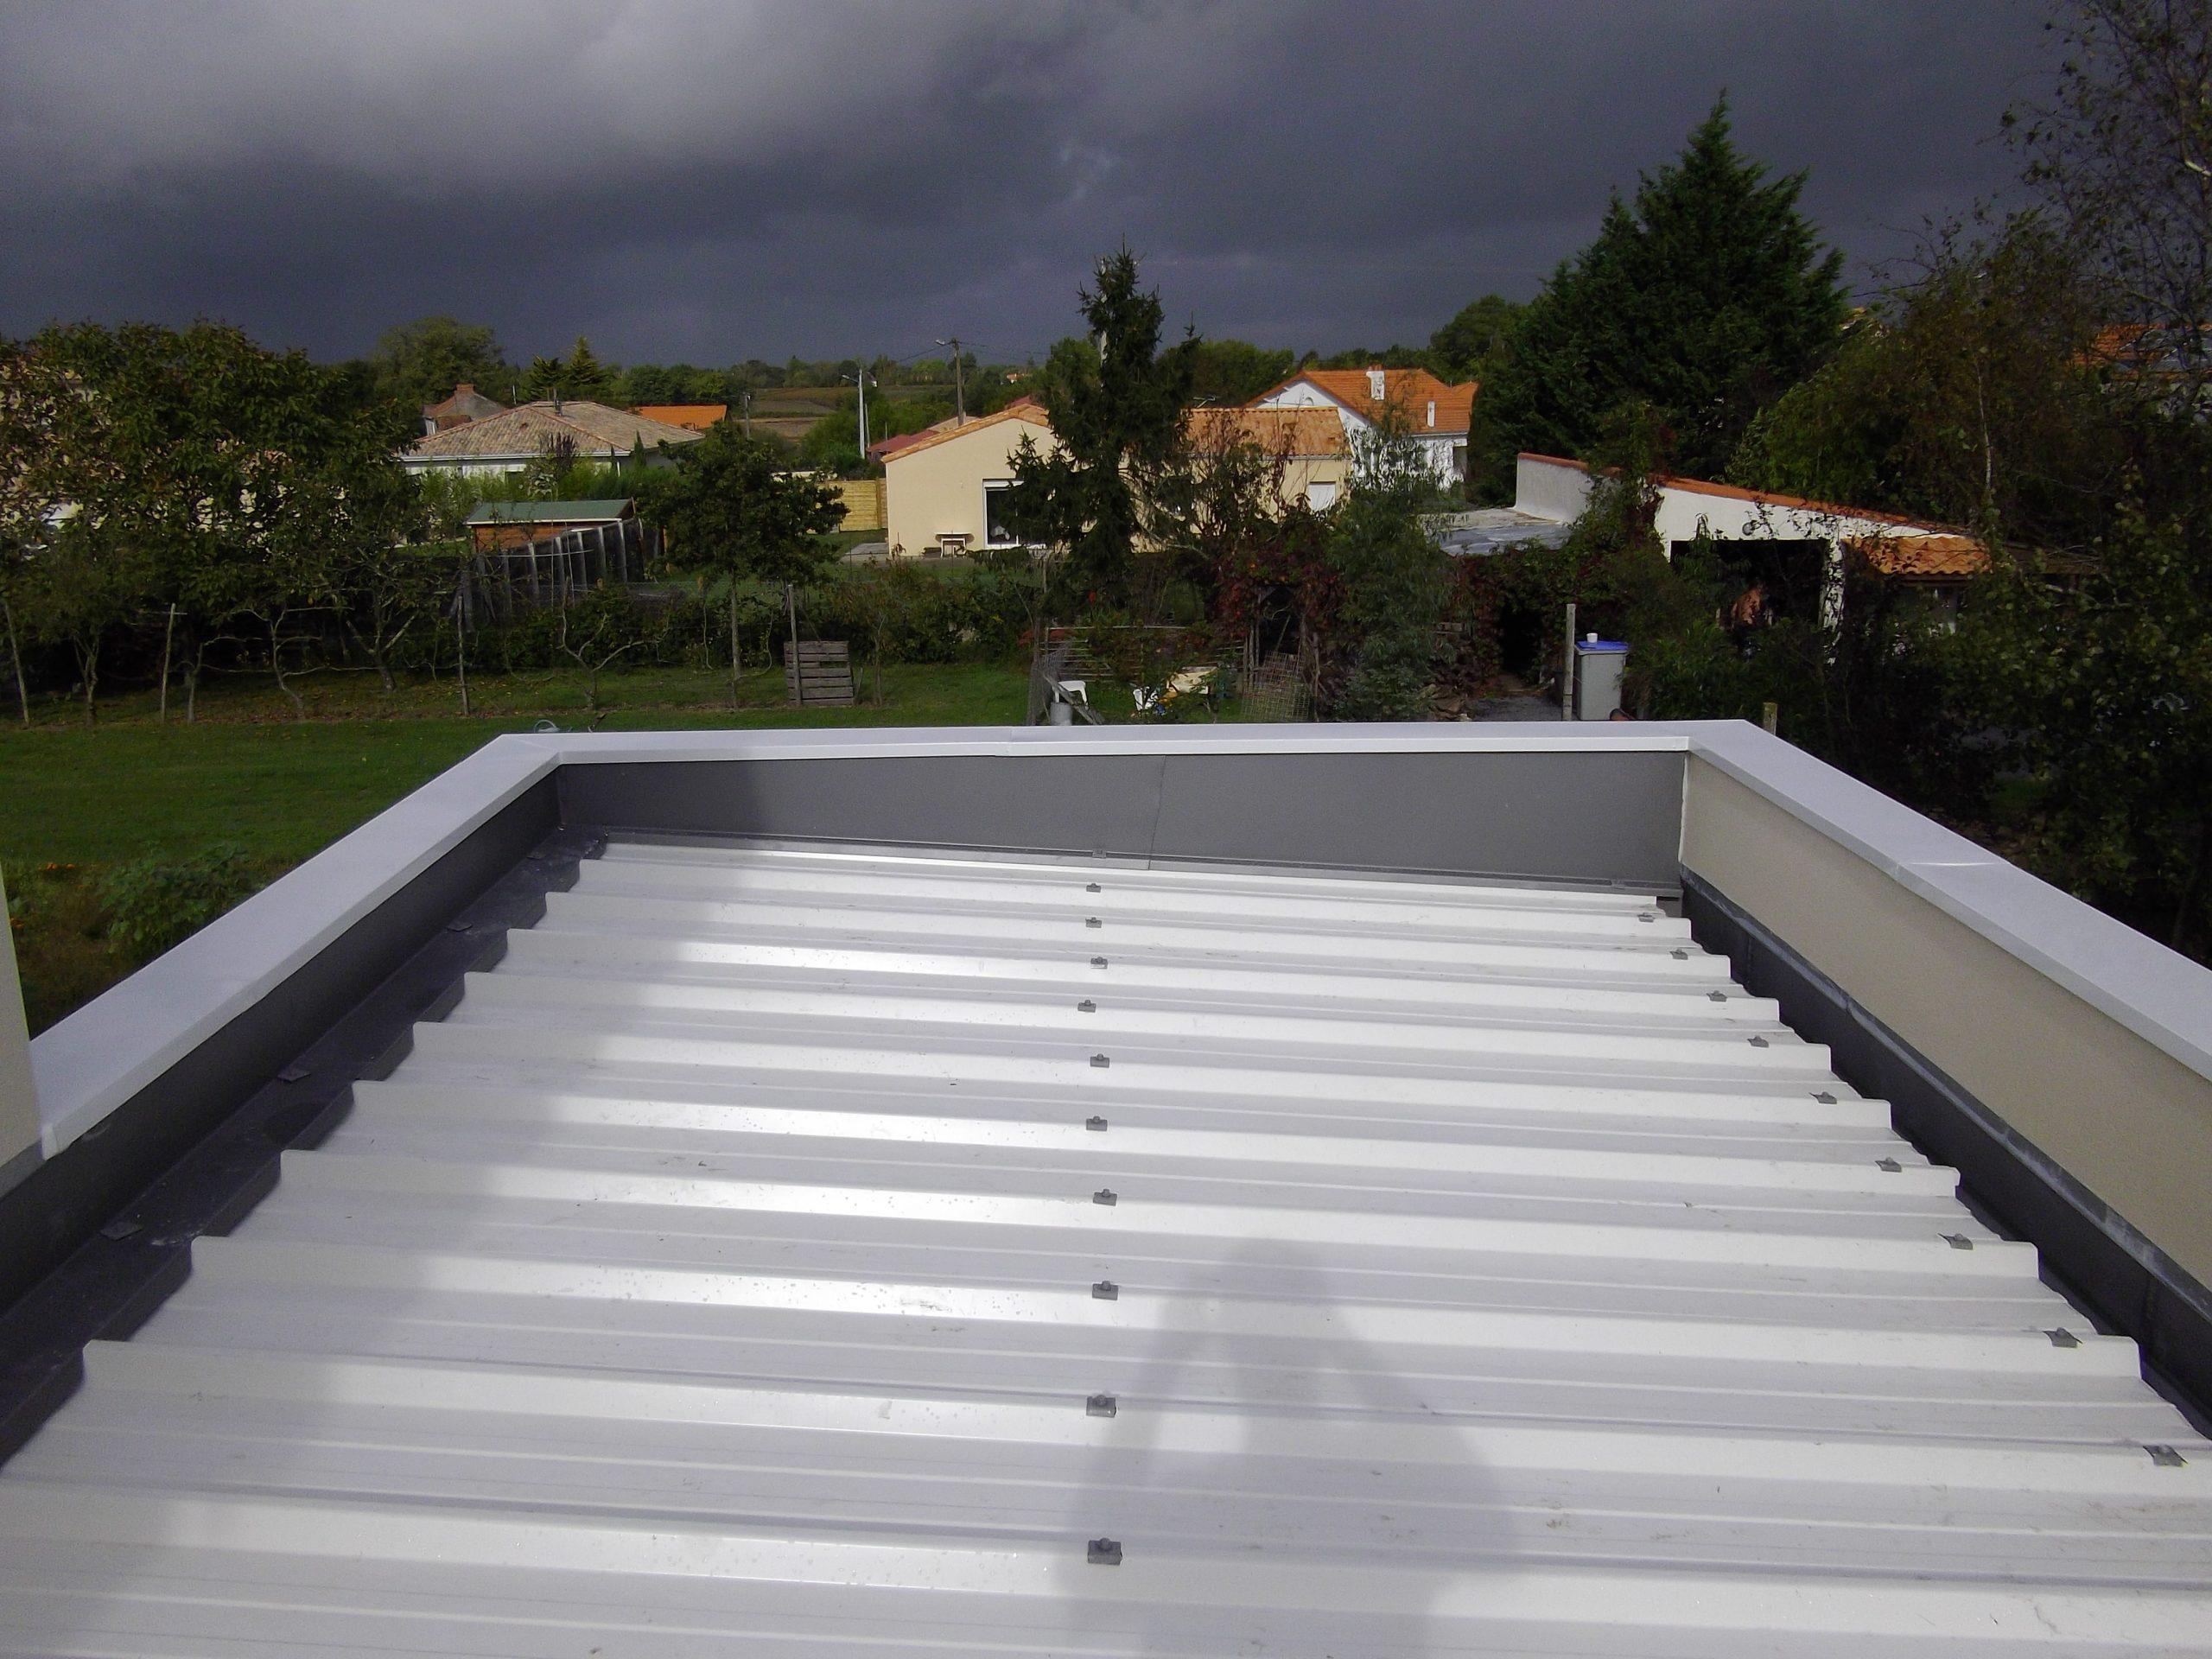 Acrotère Toit Plat - Couvertine Alu - Au Bac D'eau Nantes destiné Isolation Toit Terrasse Nantes